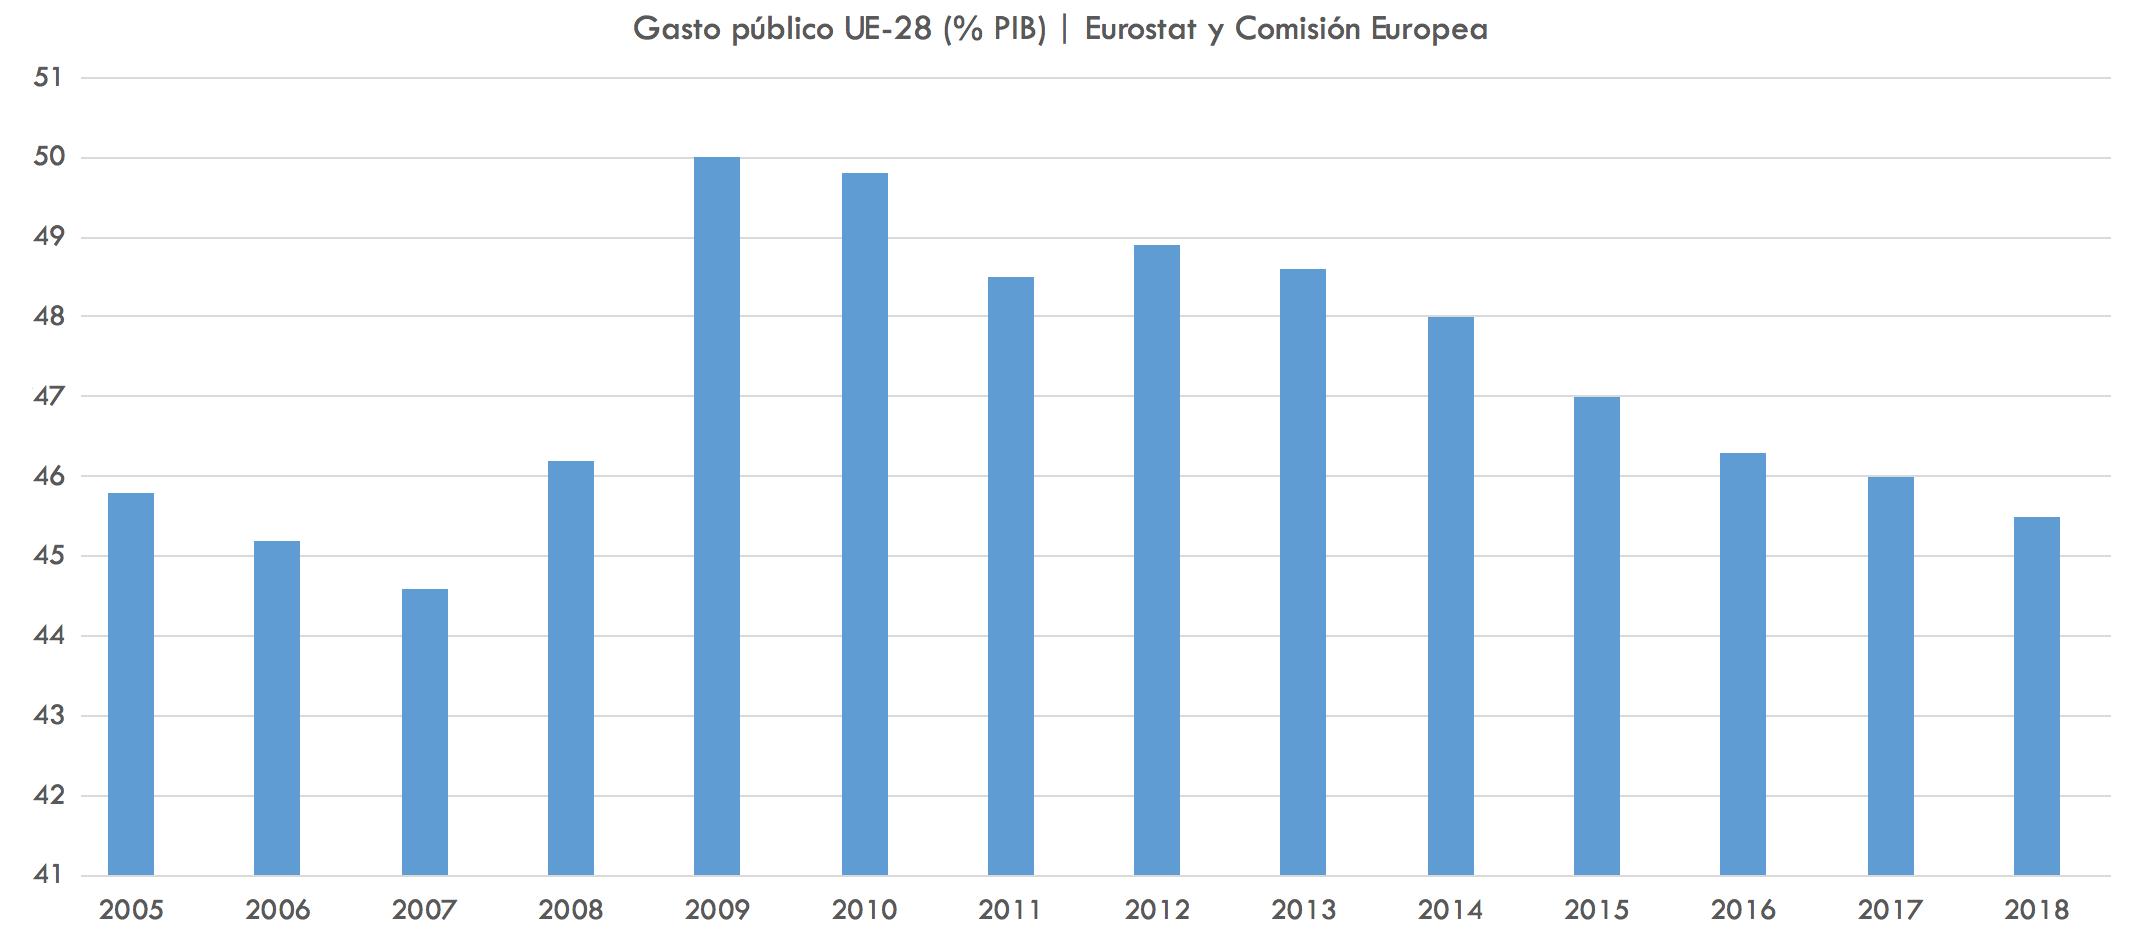 Gasto-publico-Irlanda-Francia.png